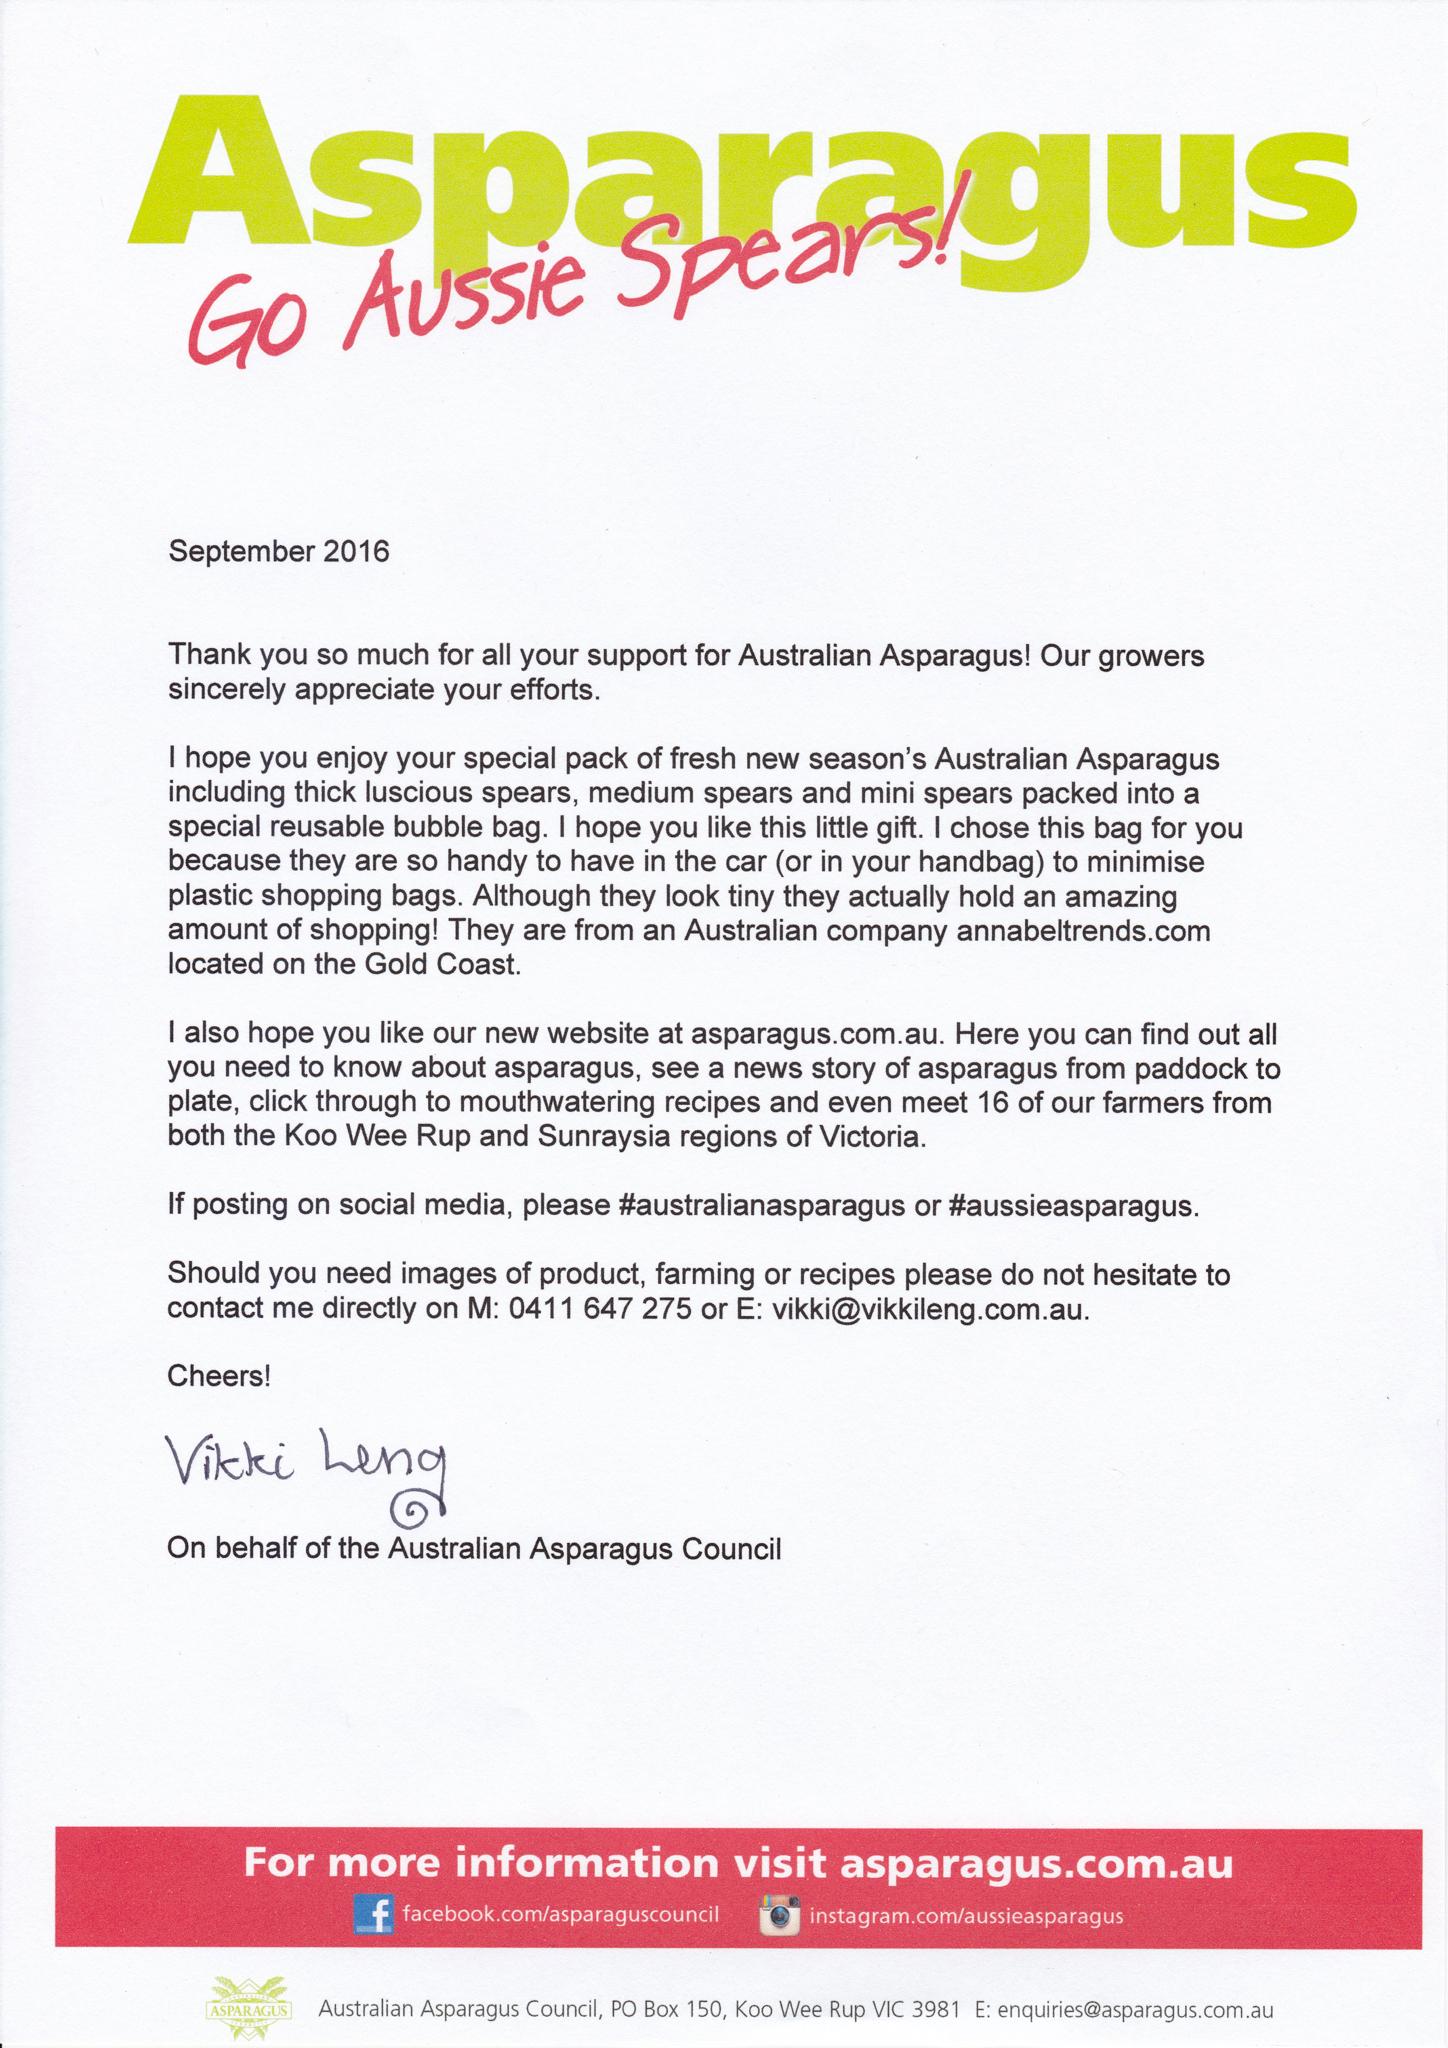 Australian Asparagus letter from Vikki Leng Gary Lum